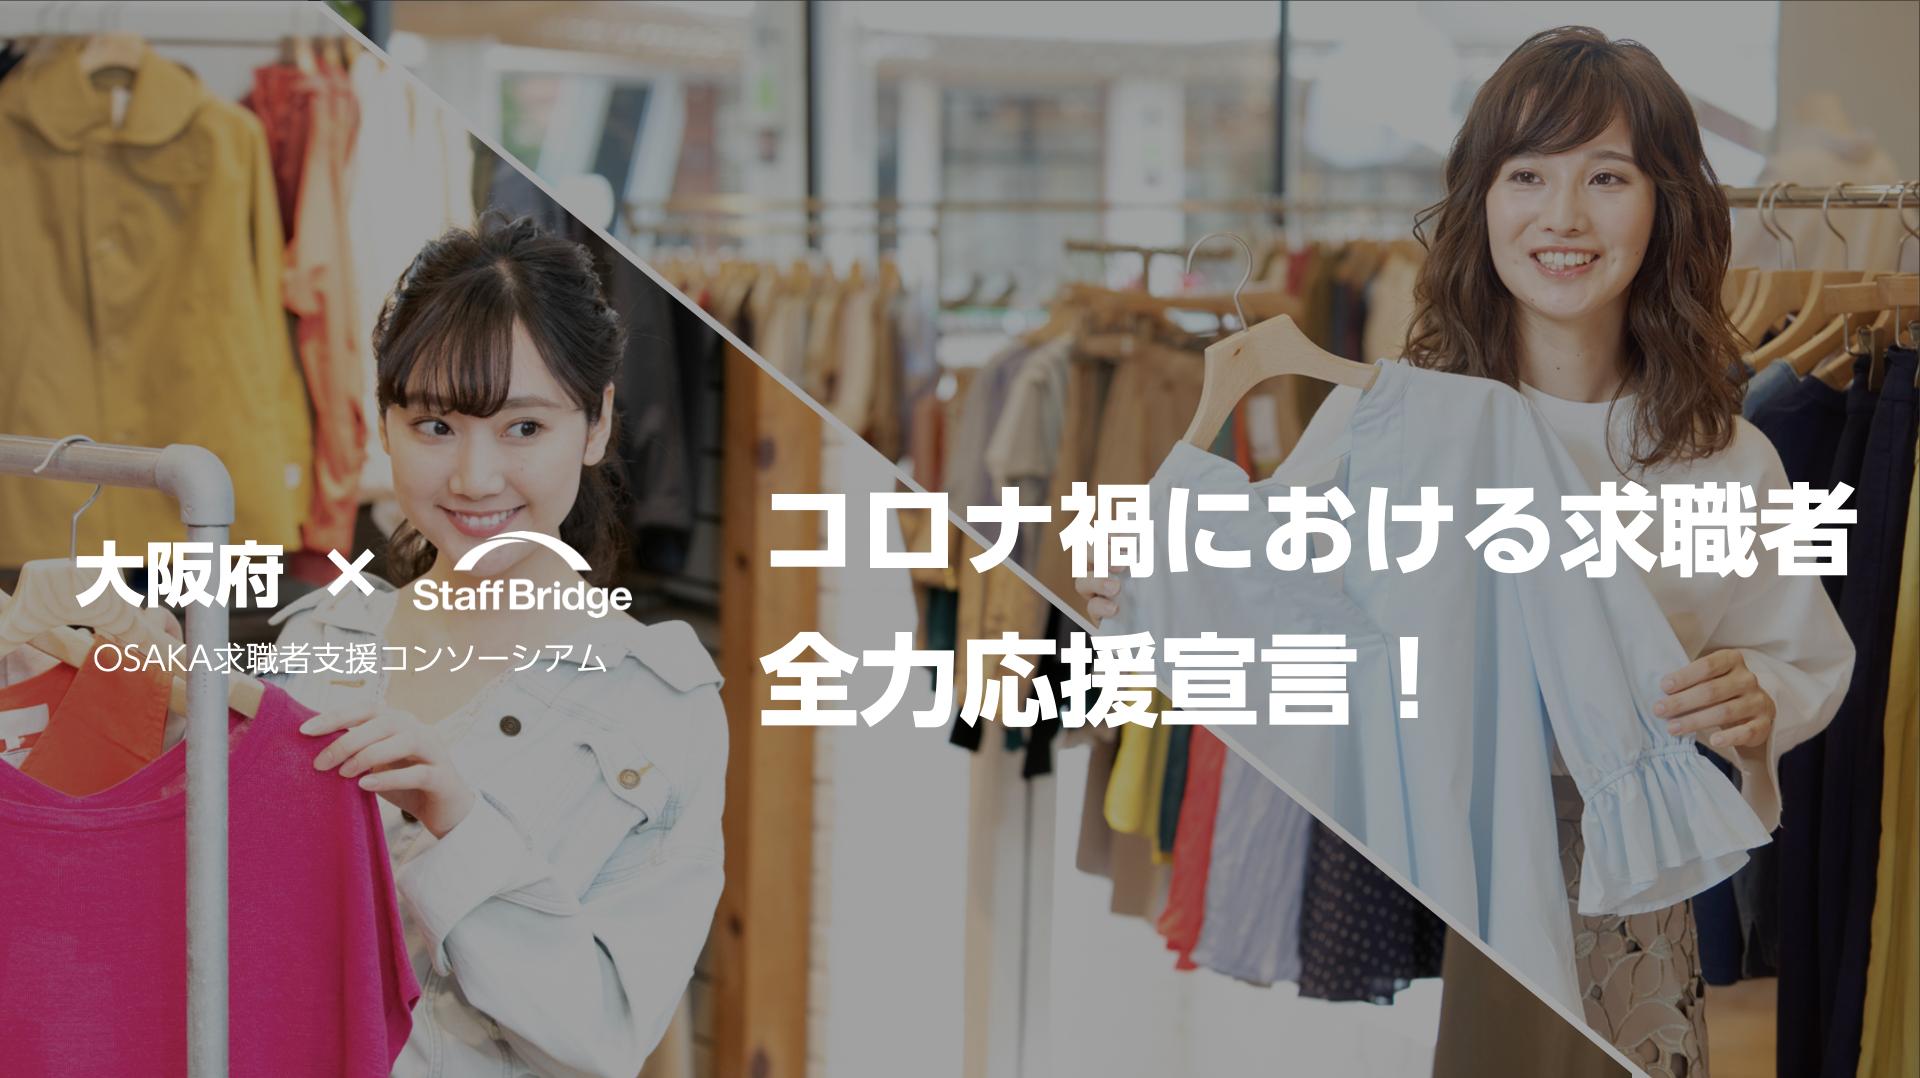 【大阪府の皆様へ】コロナ禍におけるアパレル業界の就職・転職を応援します